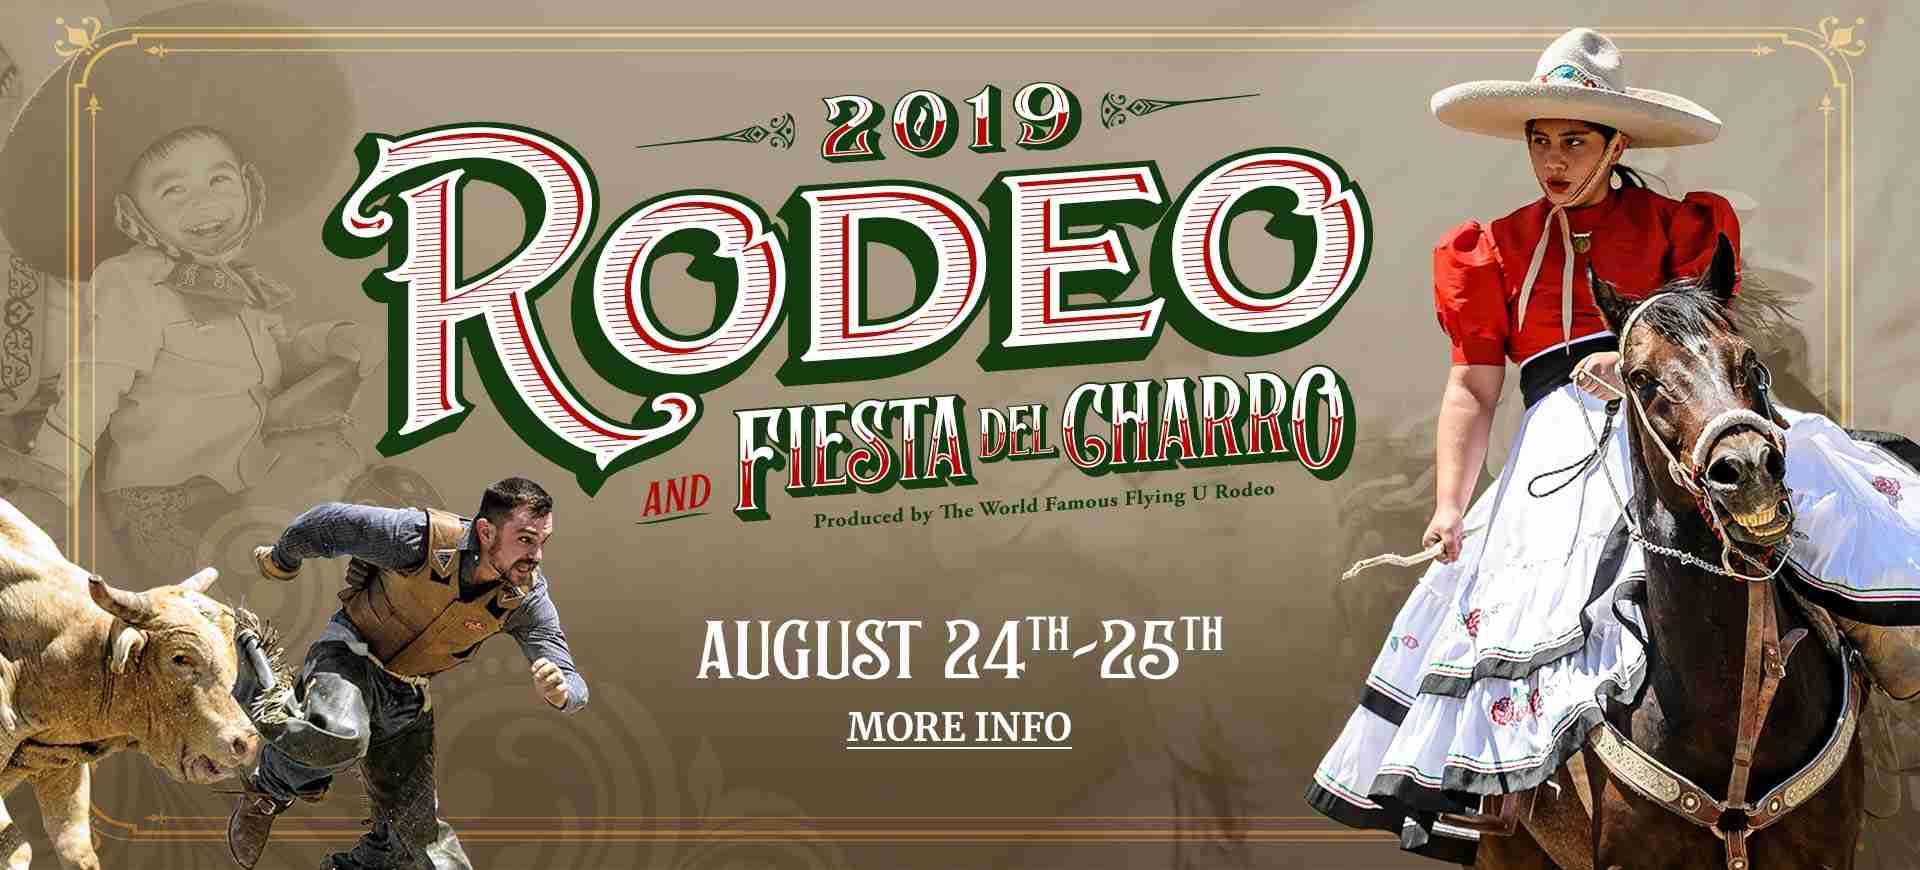 Virginia City Rodeo and Fiesta del Charro